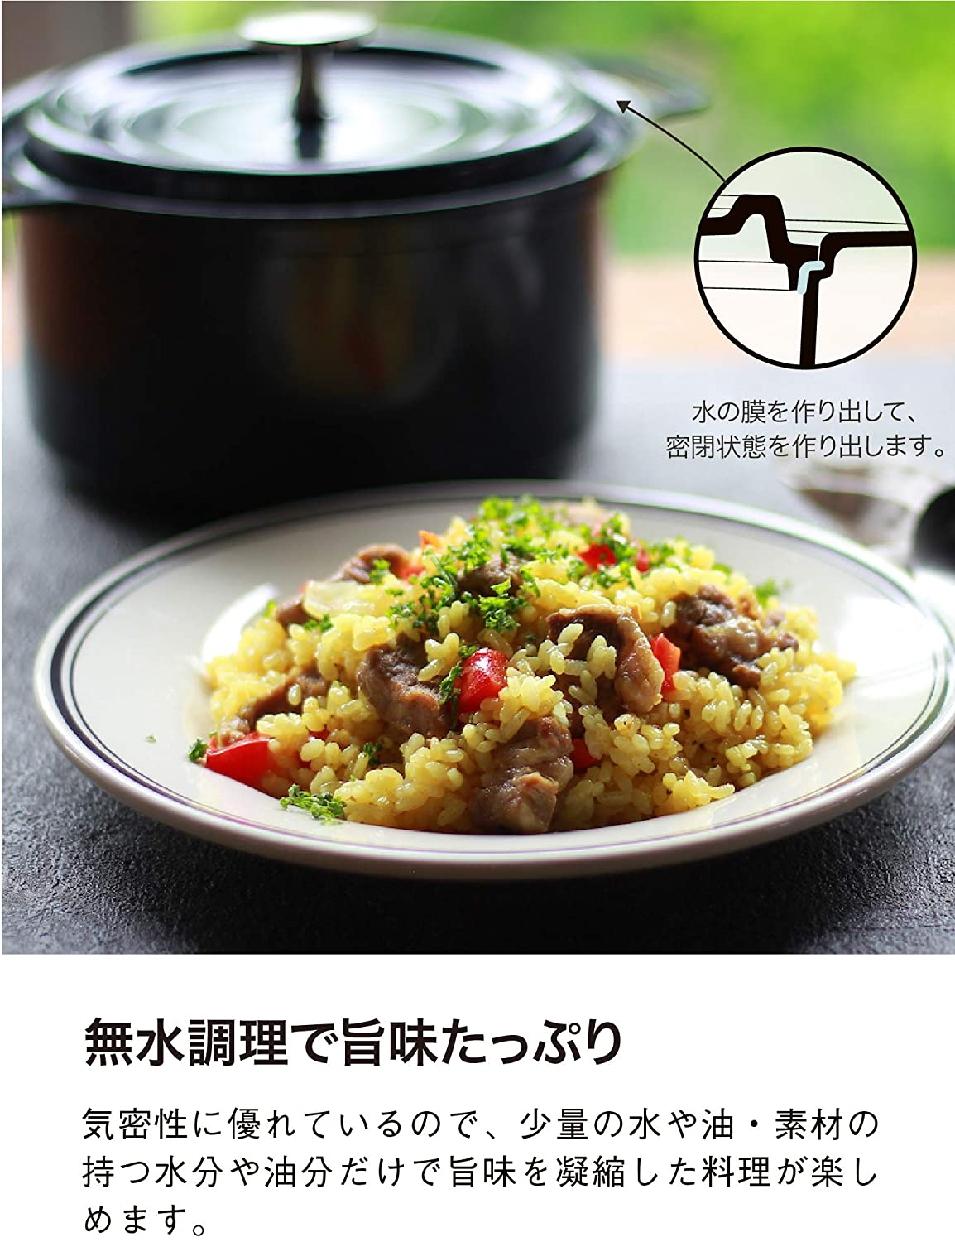 copan(コパン) 無水調理ができる鍋 18cmの商品画像4